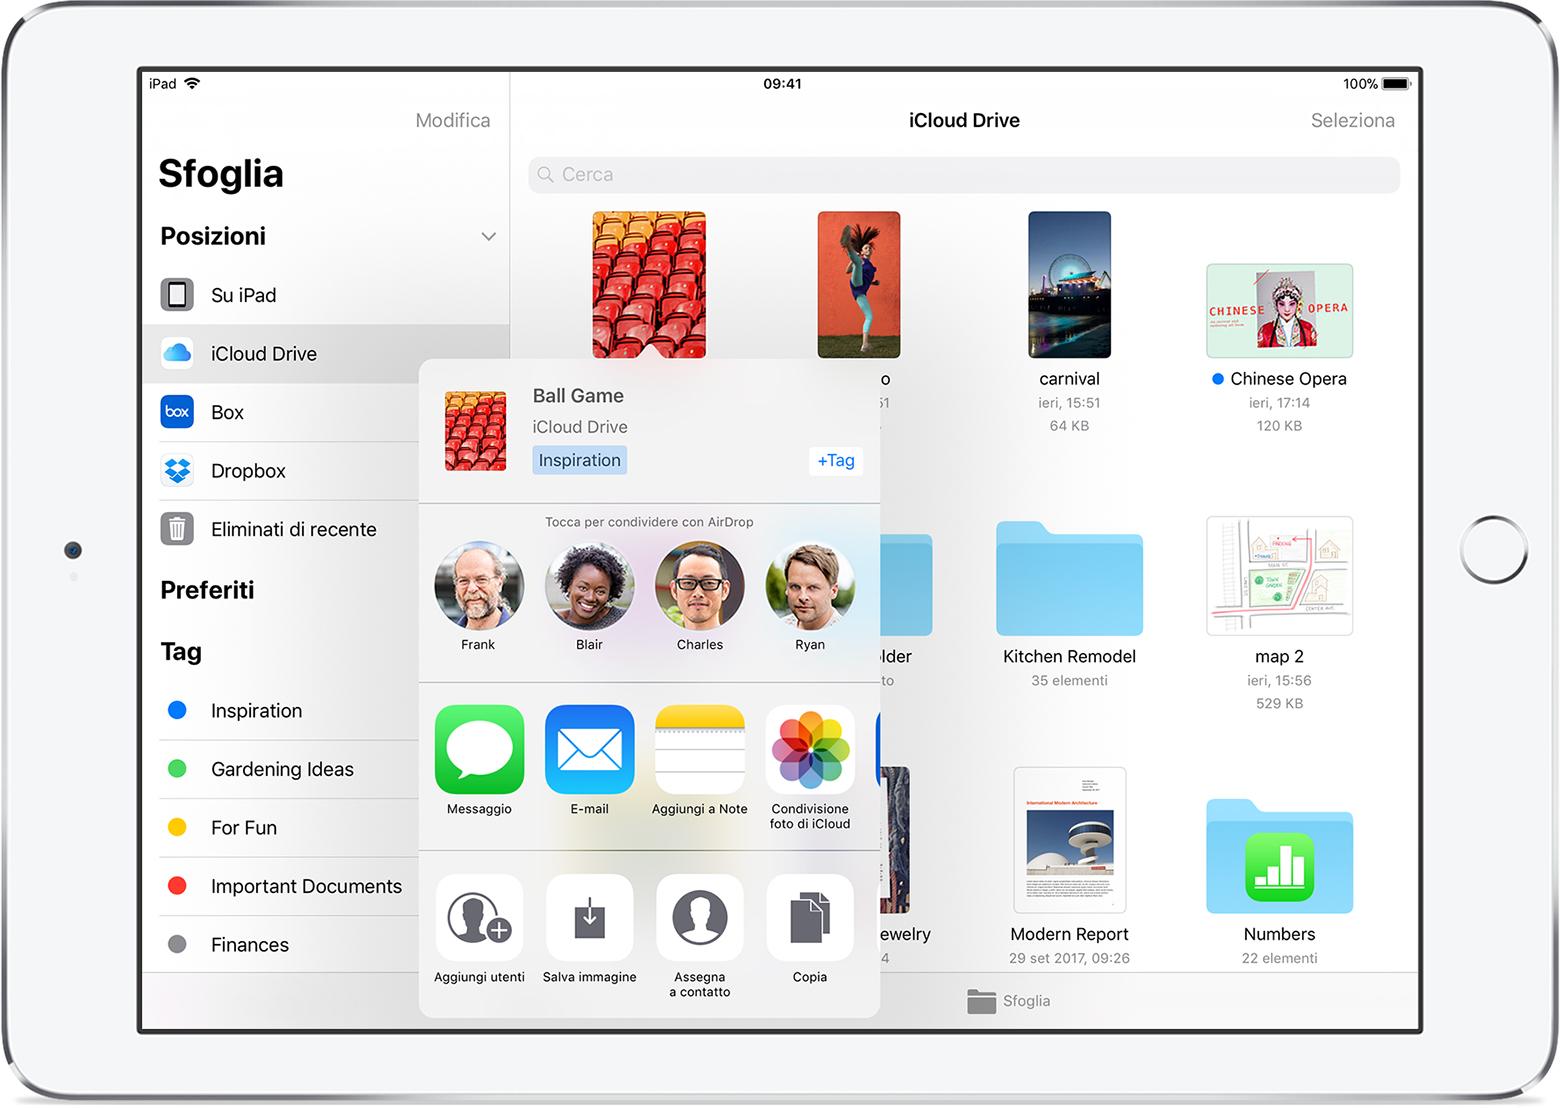 L'app File su iOS 11 consente di tenere i documenti in una app che è possibile aprire e gestire da qualsiasi iPhone, iPad e iPod touch permettendo di trovare con facilità ciò che serve, indipendentemente dalla posizione in cui è stato salvato o dal dispositivo utilizzato.